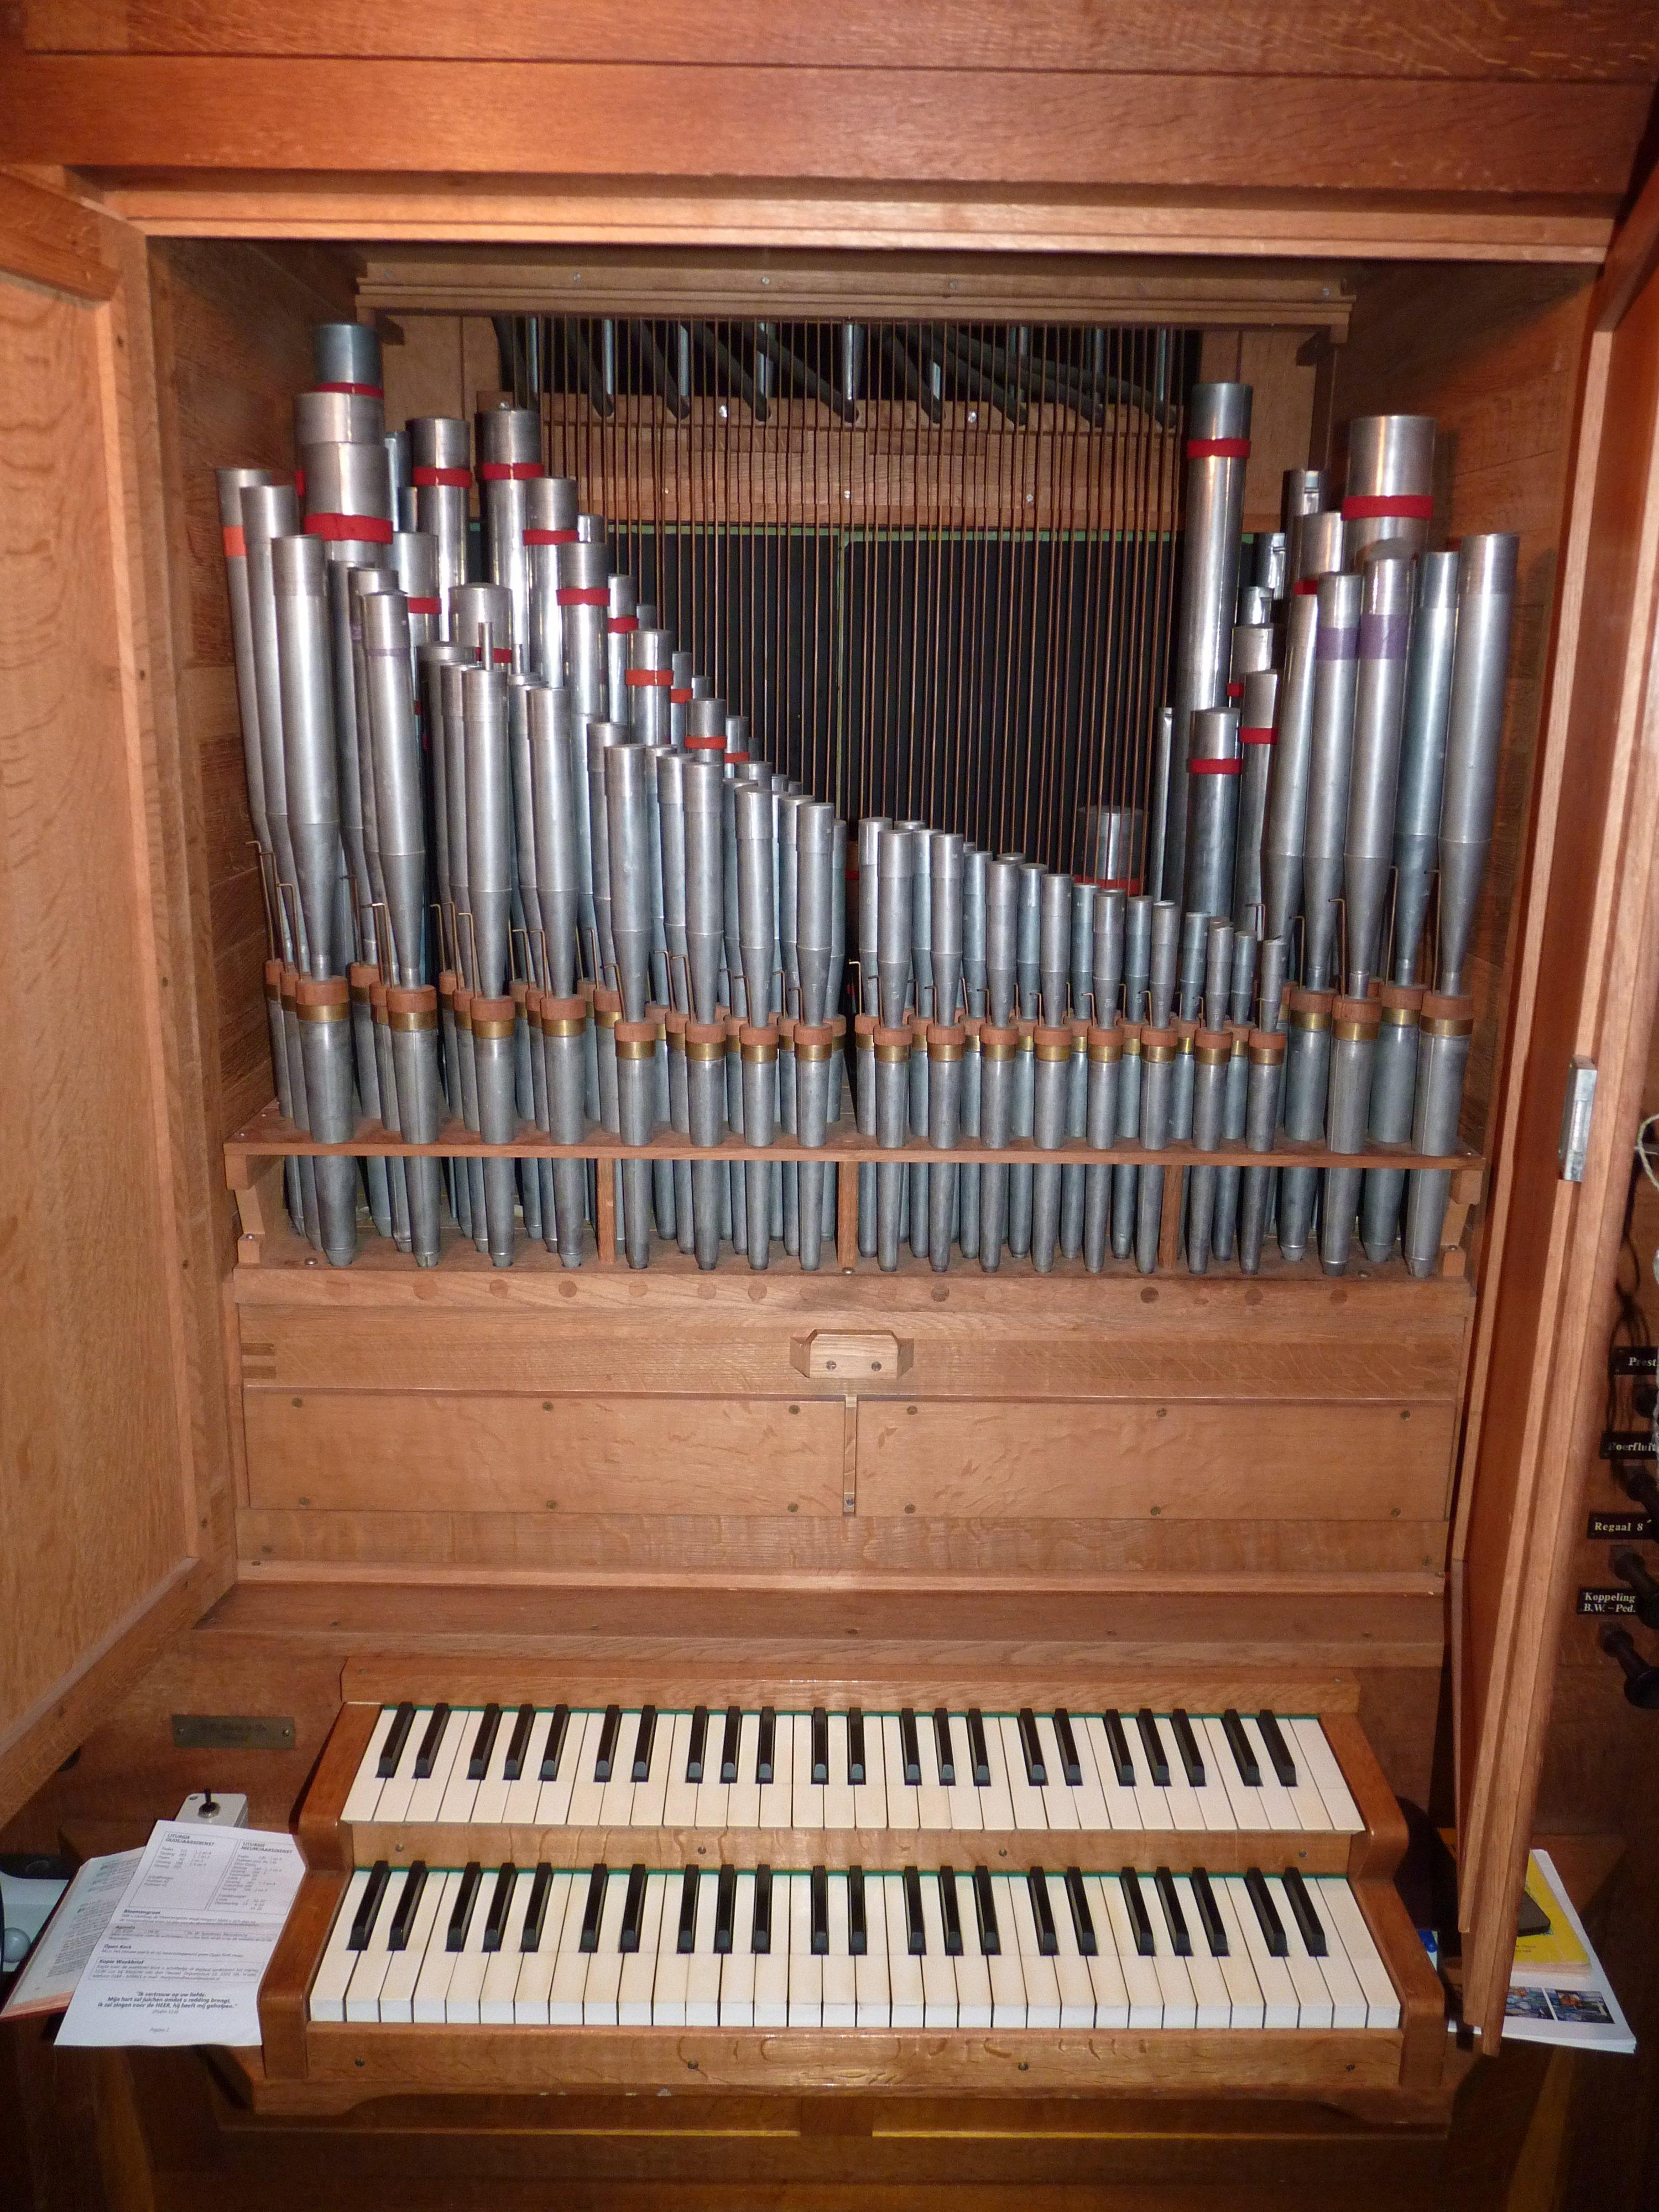 Speeltafel tussen 1966 en 2012 met blik op orgelpijpen tweede manuaal